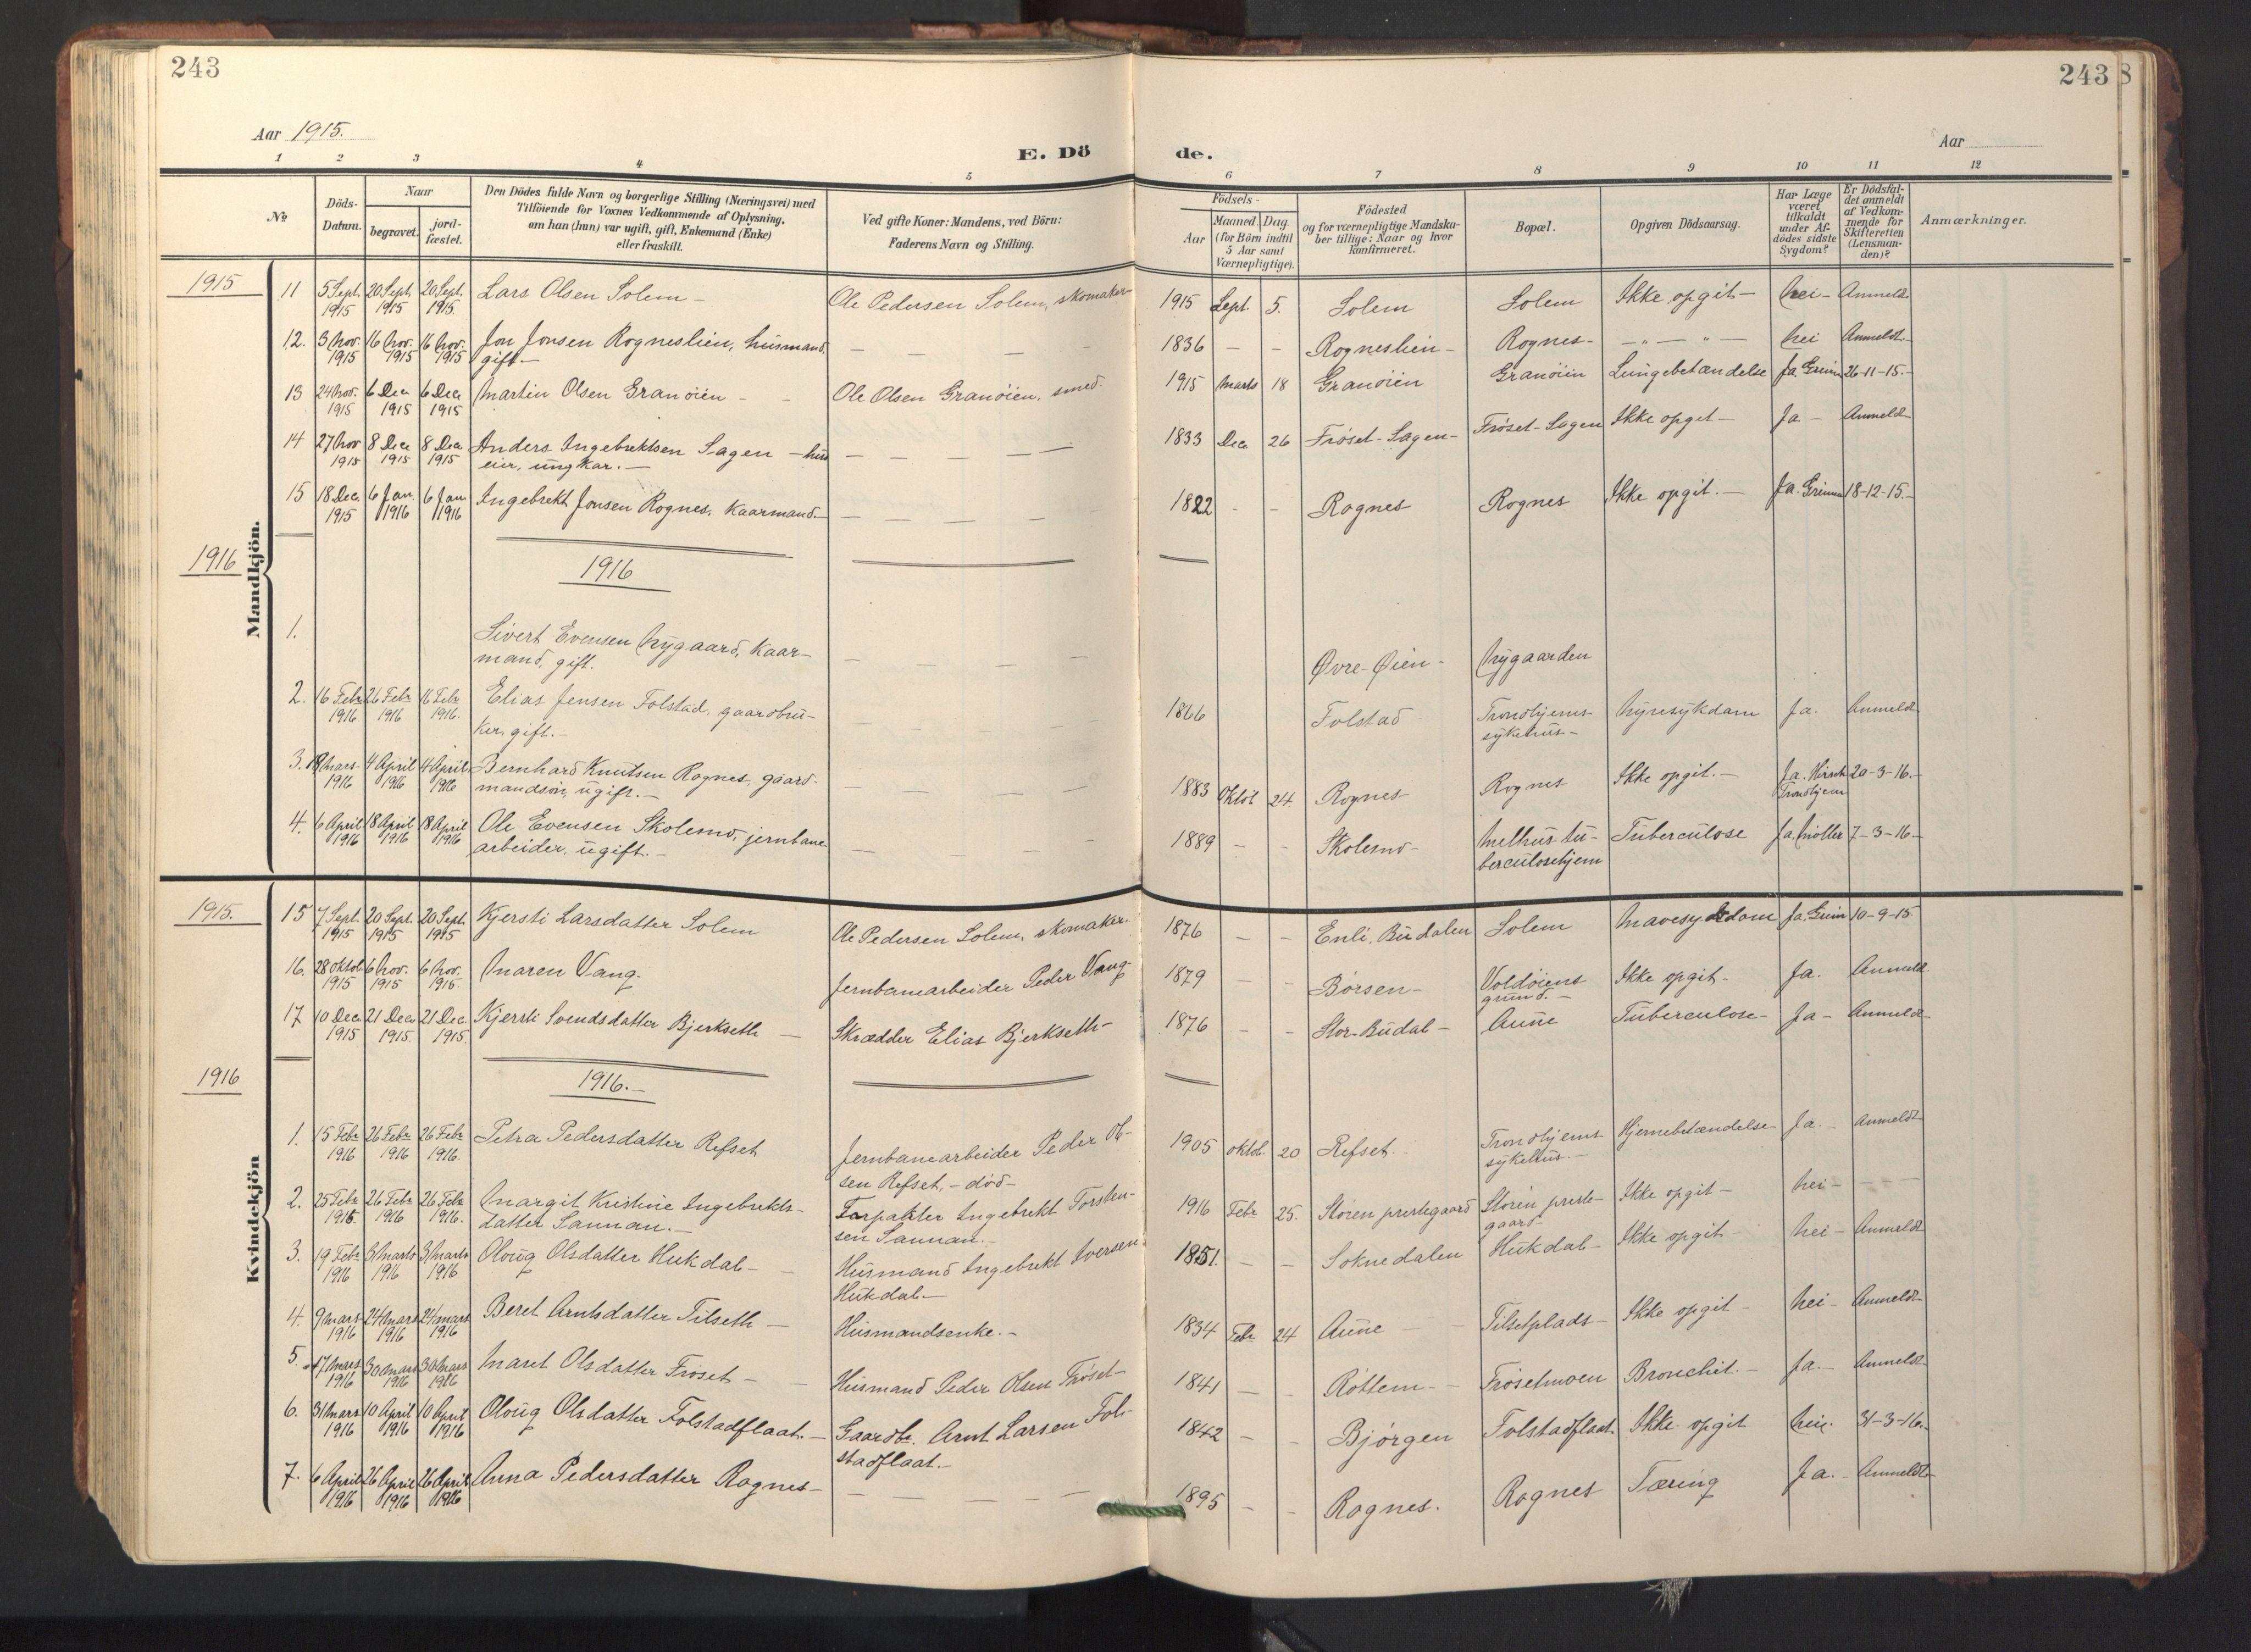 SAT, Ministerialprotokoller, klokkerbøker og fødselsregistre - Sør-Trøndelag, 687/L1019: Klokkerbok nr. 687C03, 1904-1931, s. 243